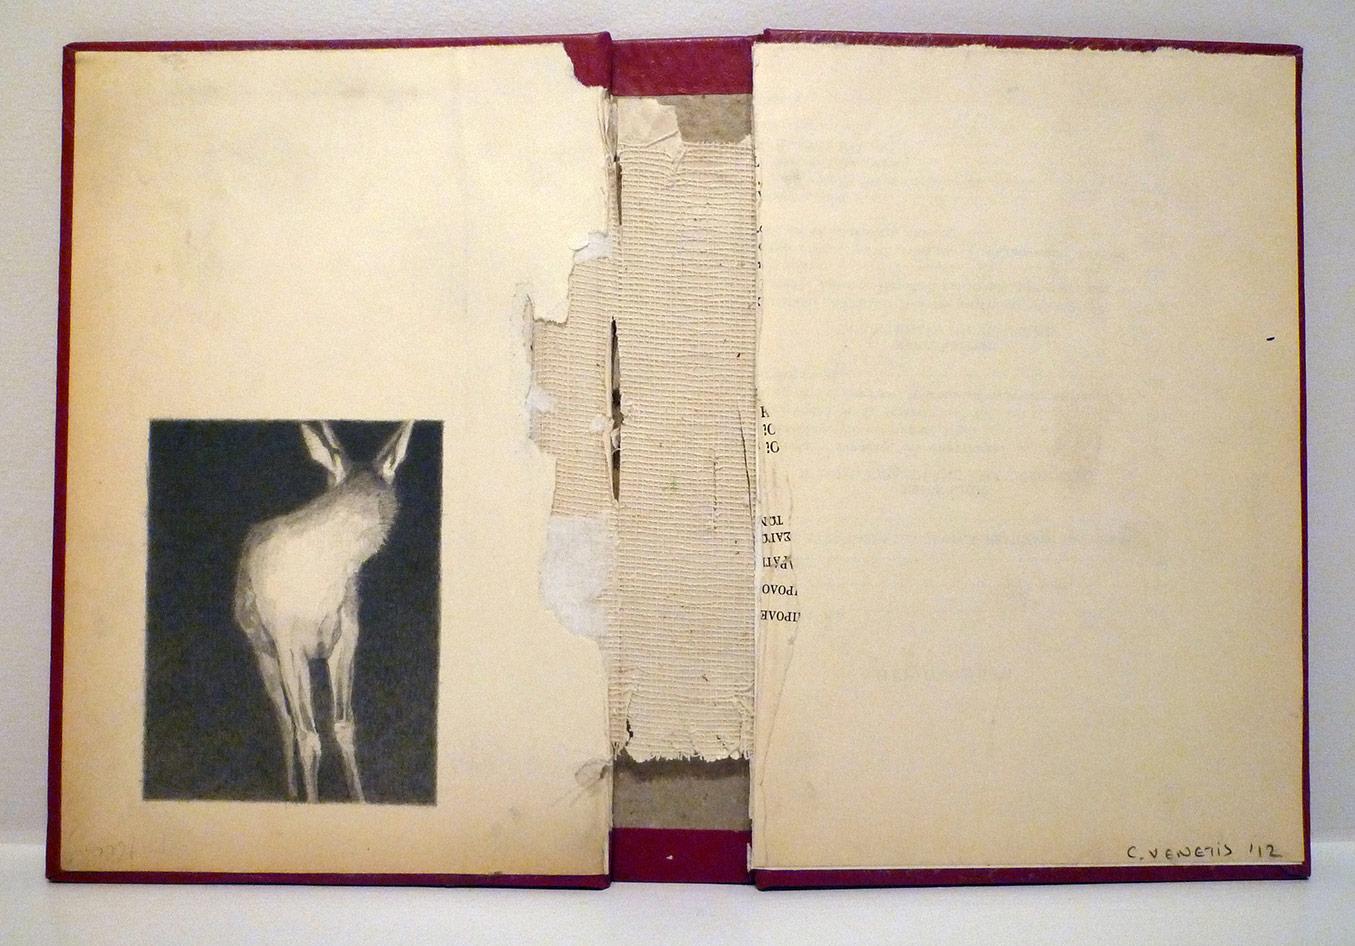 Christos VENETIS. Anemic Archives Series, 2013-2016. Lápizsobre portada usadas 21.5 x 30cm.